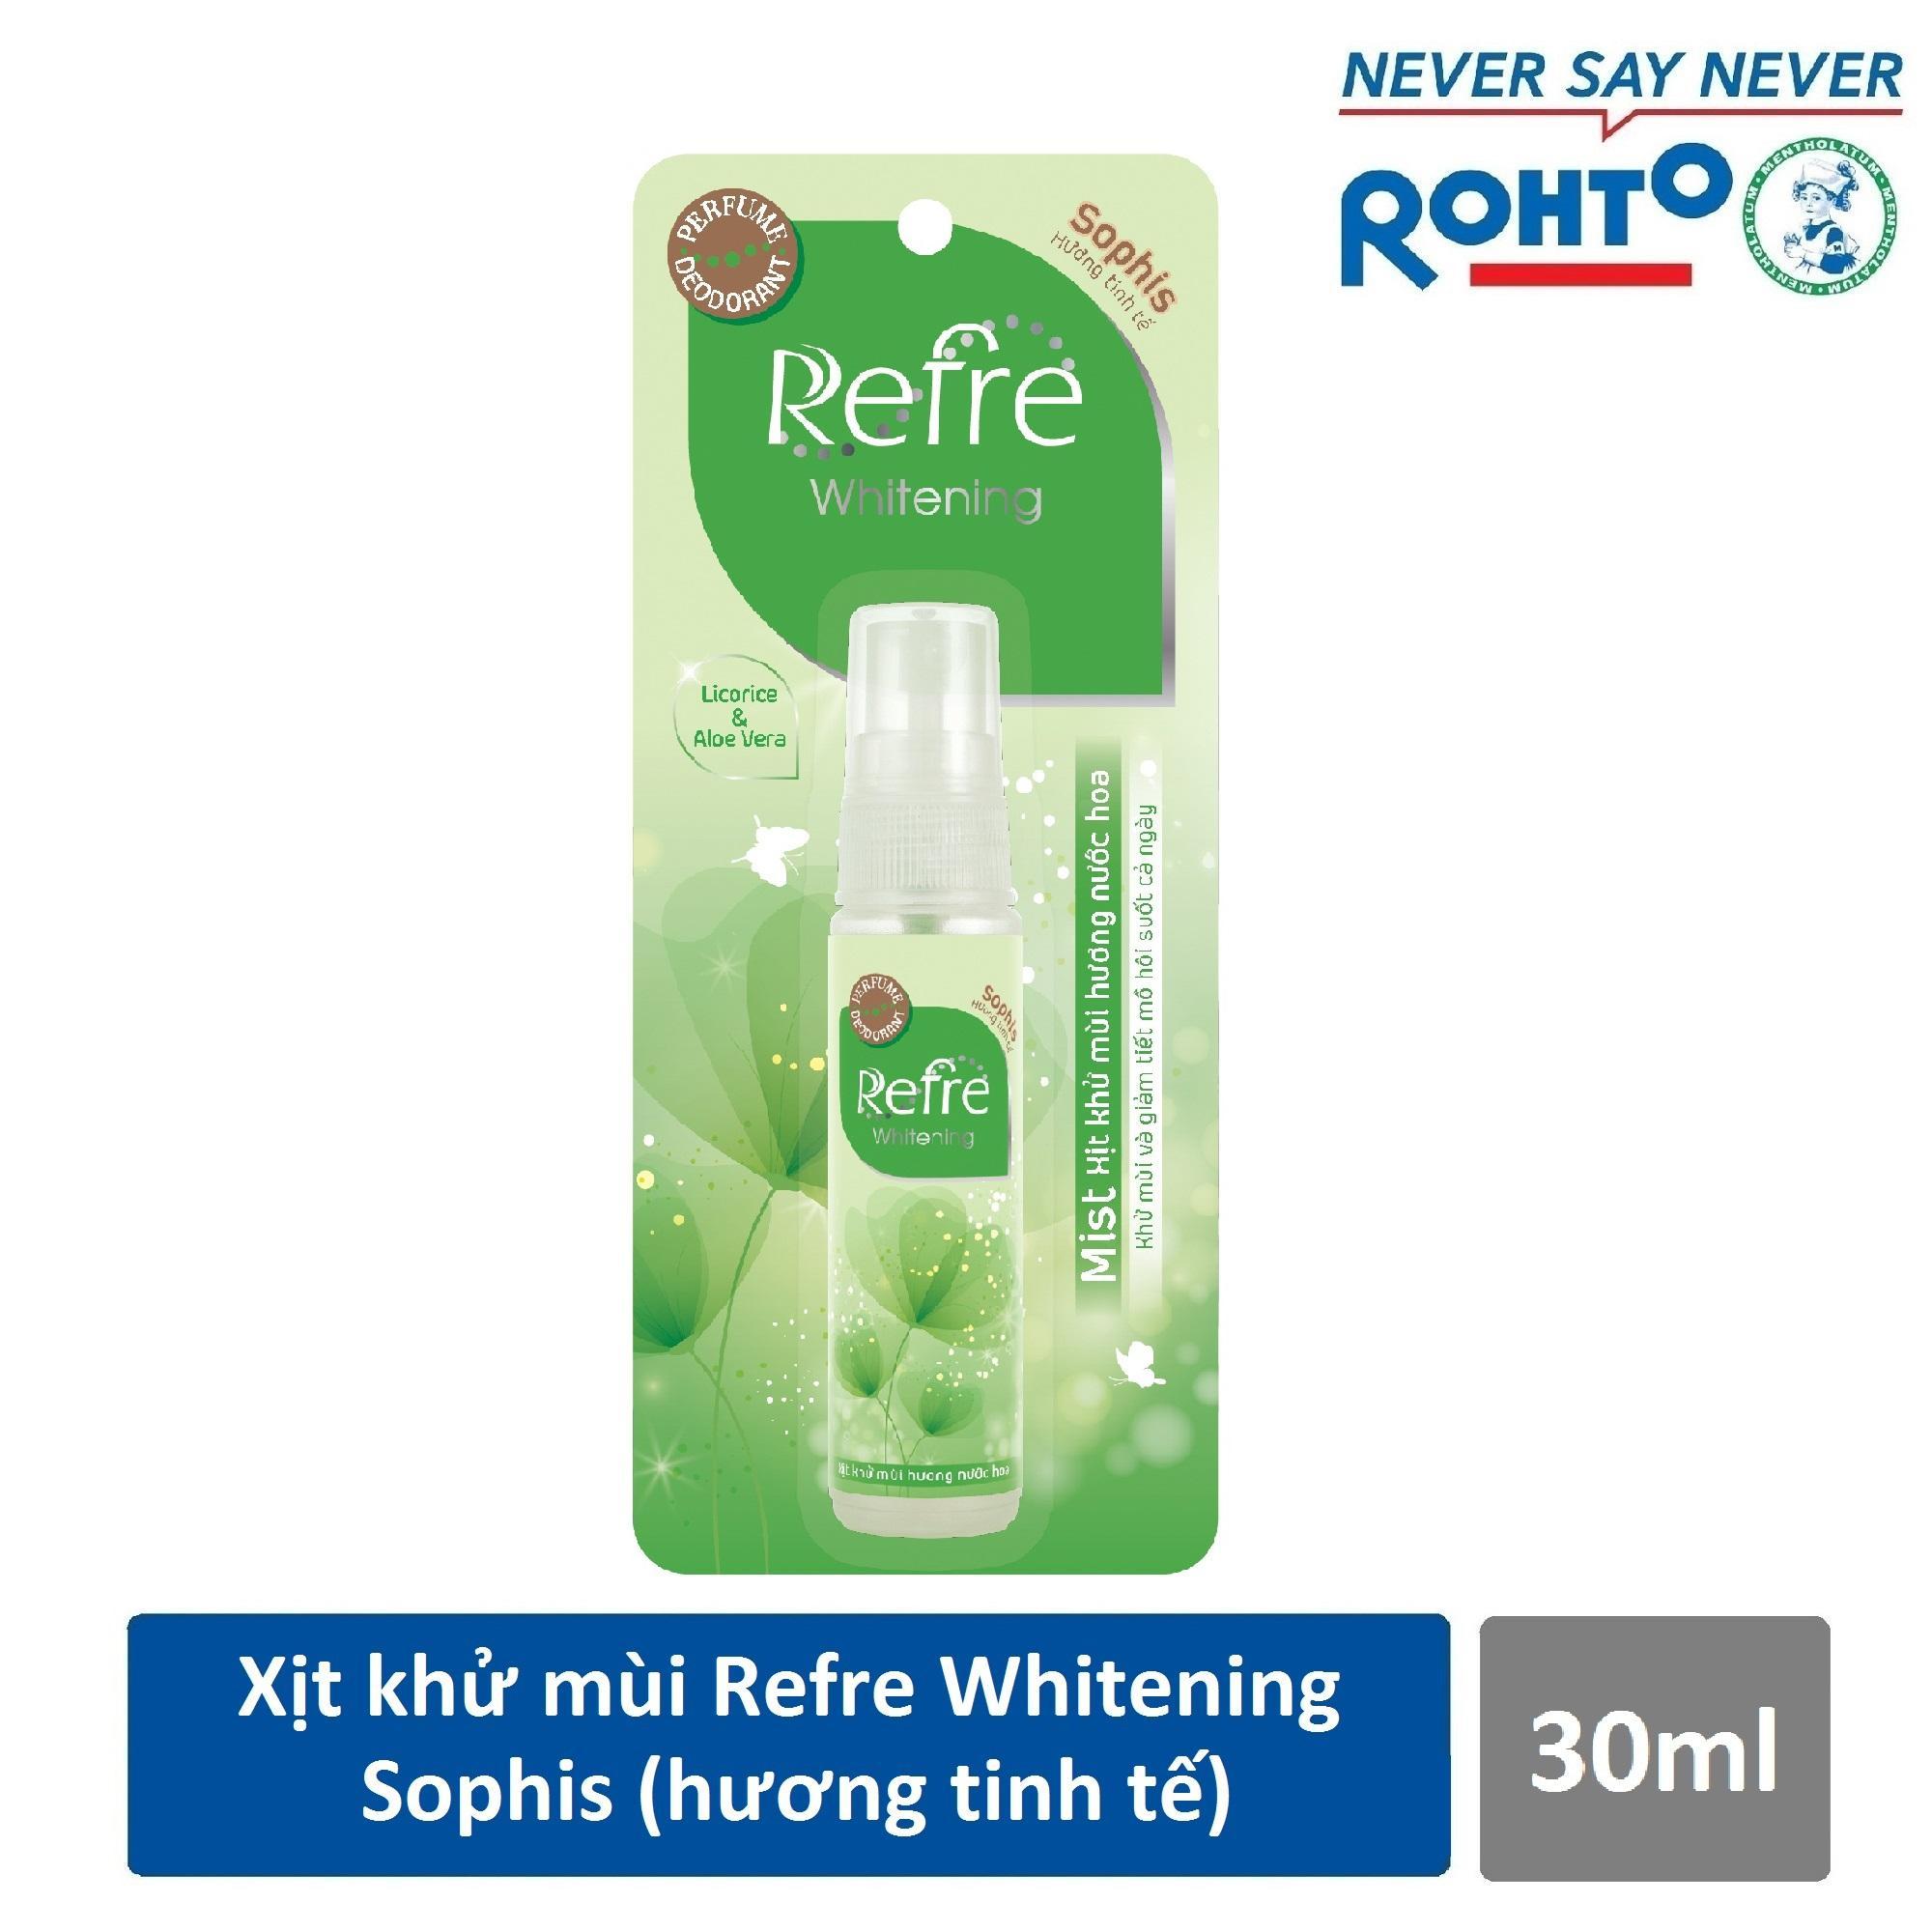 Xịt Khử Mùi Dưỡng Trắng Hương Nước Hoa Refre Whitening Sophis Hương Tinh Tế (30ml) nhập khẩu